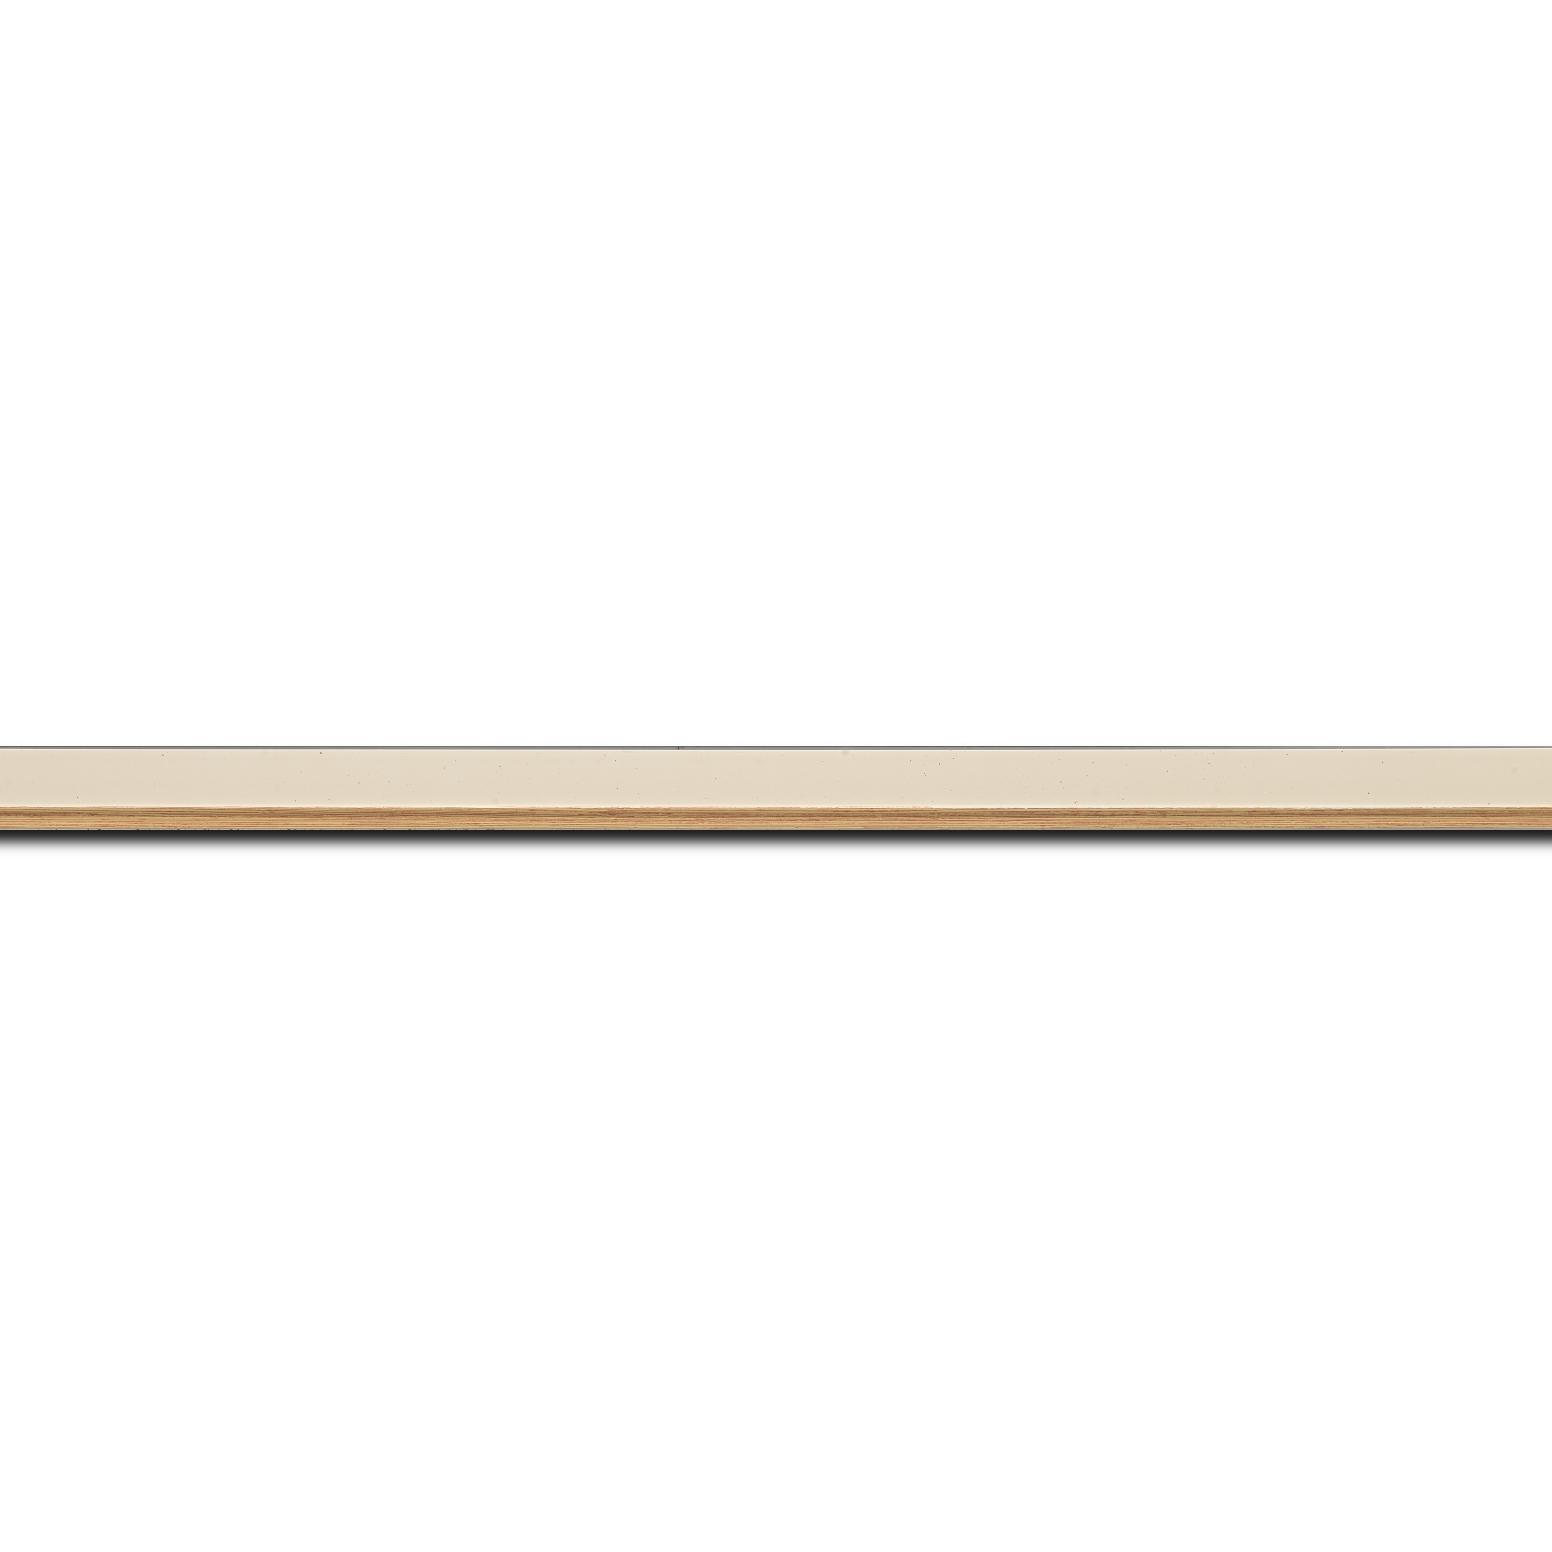 Pack par 12m, bois profil plat largeur 3,1cm couleur coquille d'œuf filet or (longueur baguette pouvant varier entre 2.40m et 3m selon arrivage des bois)